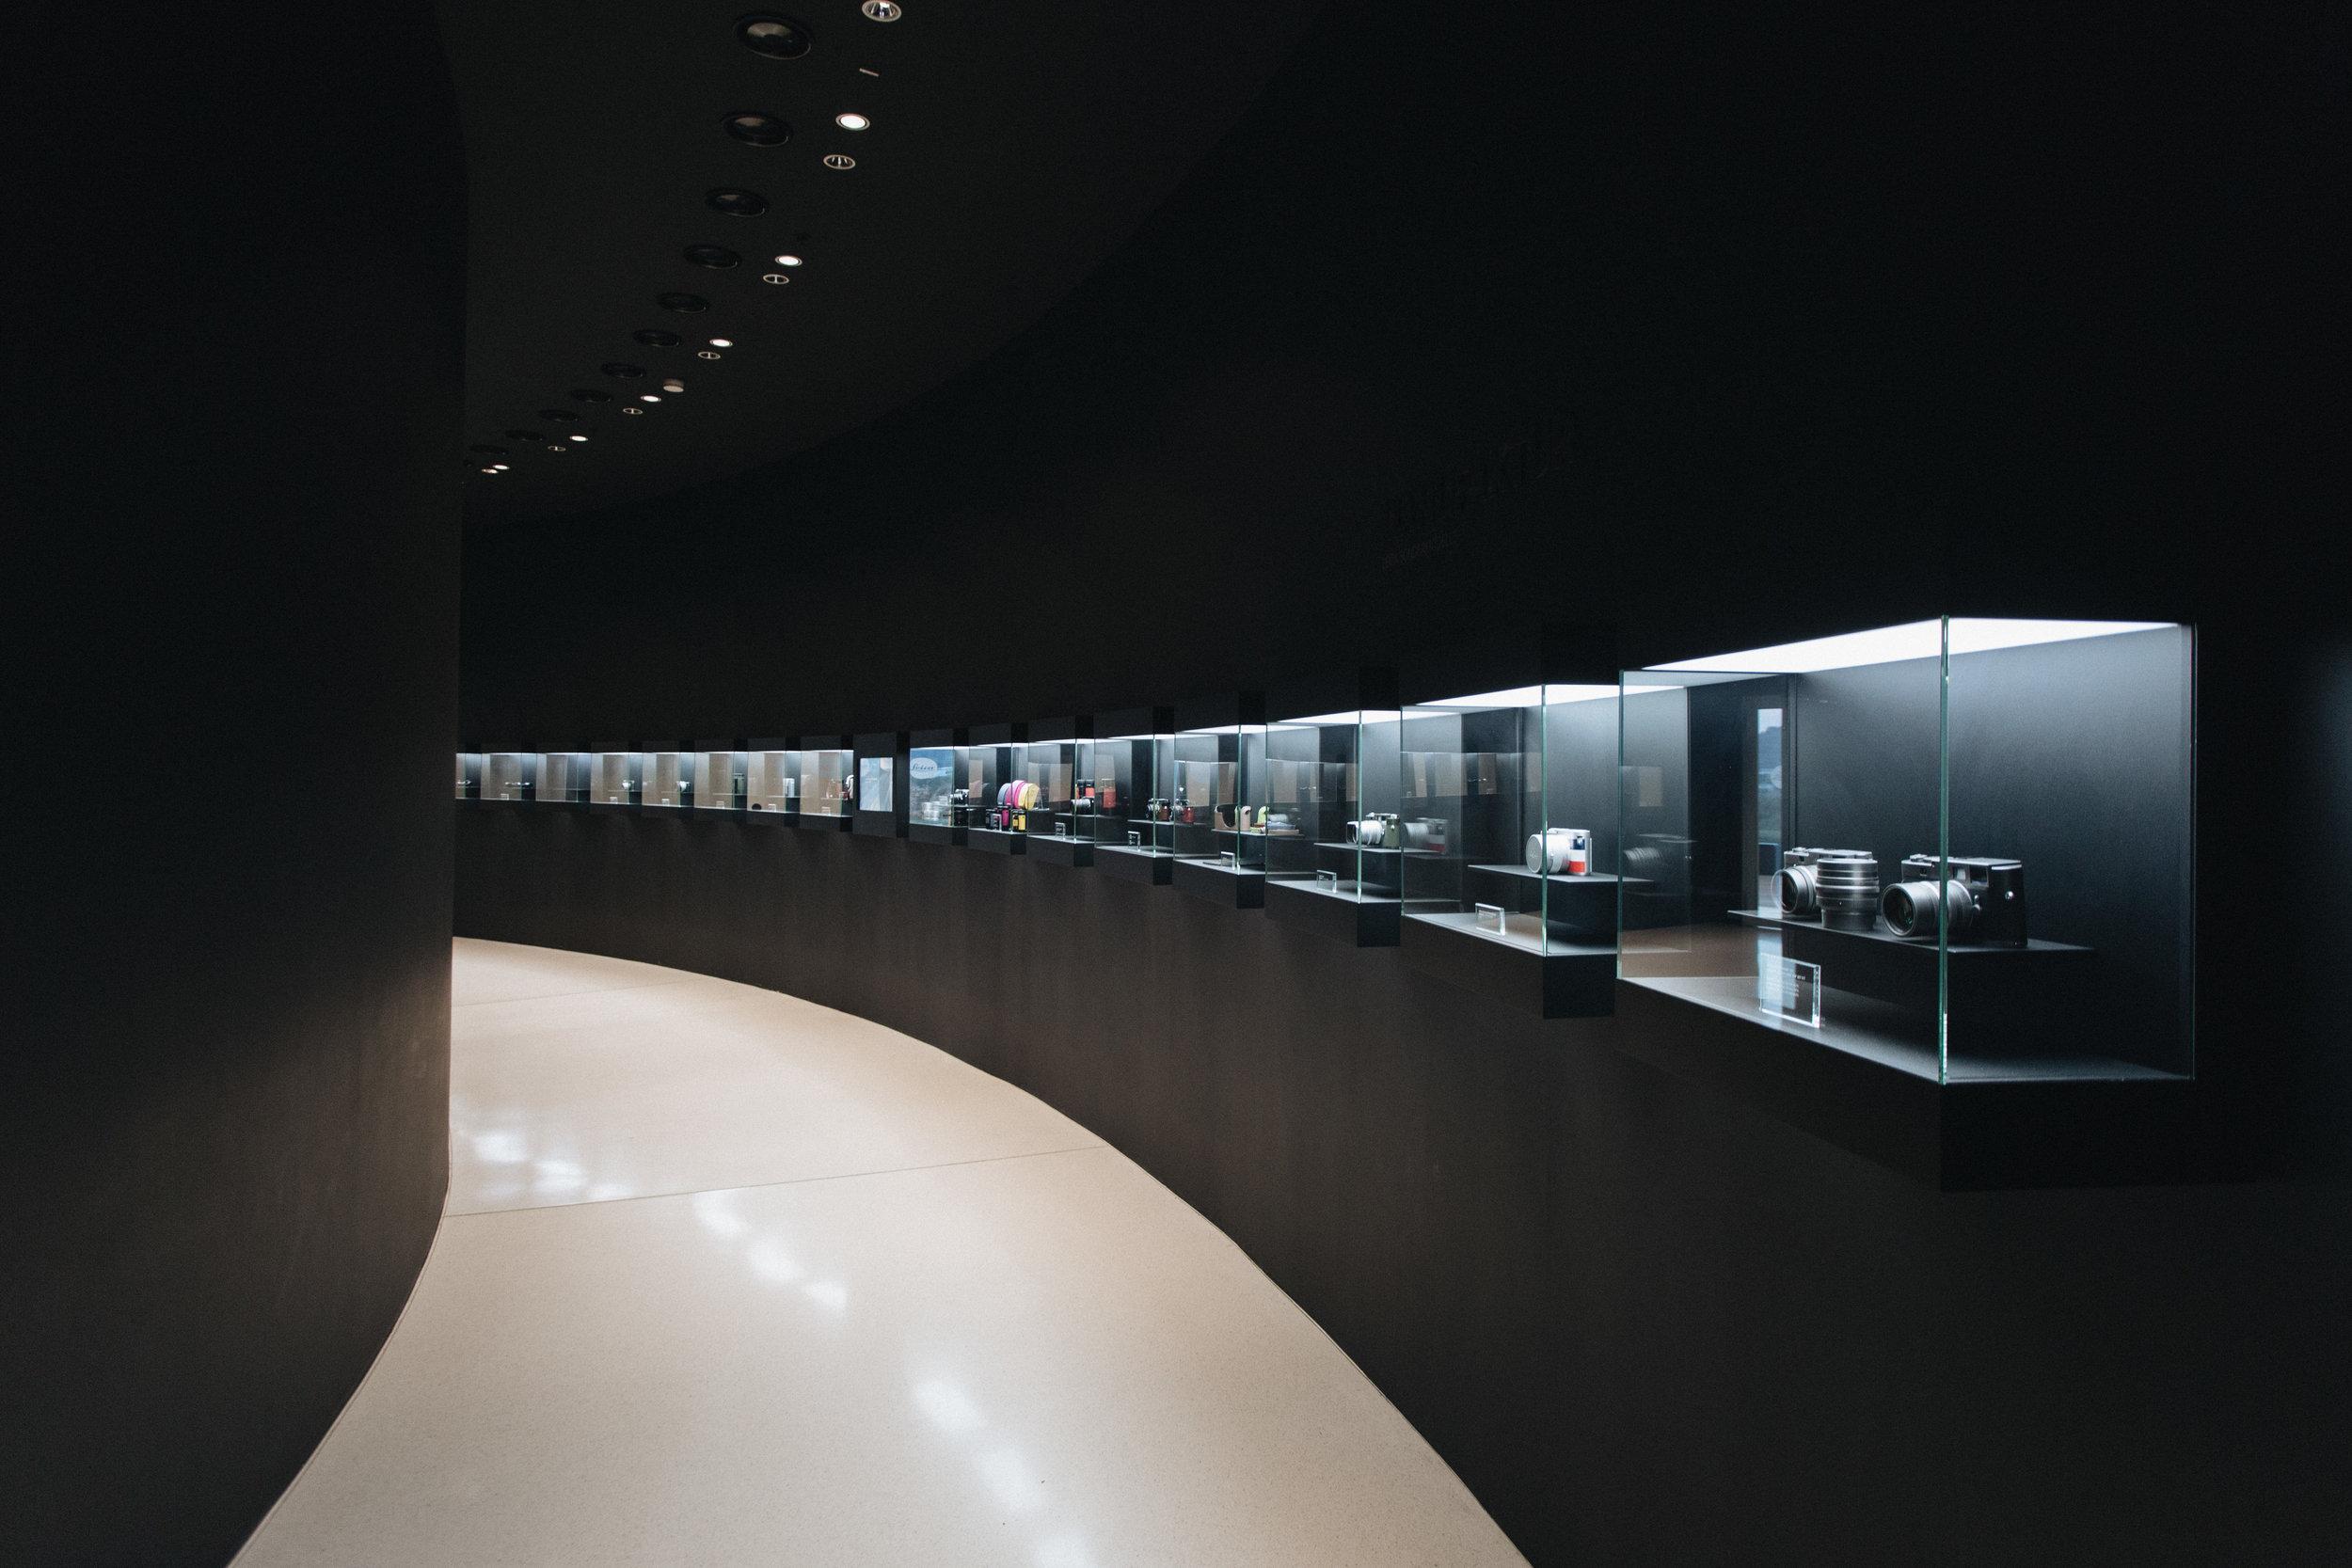 Museu_Loja_Leica 2016-35.jpg